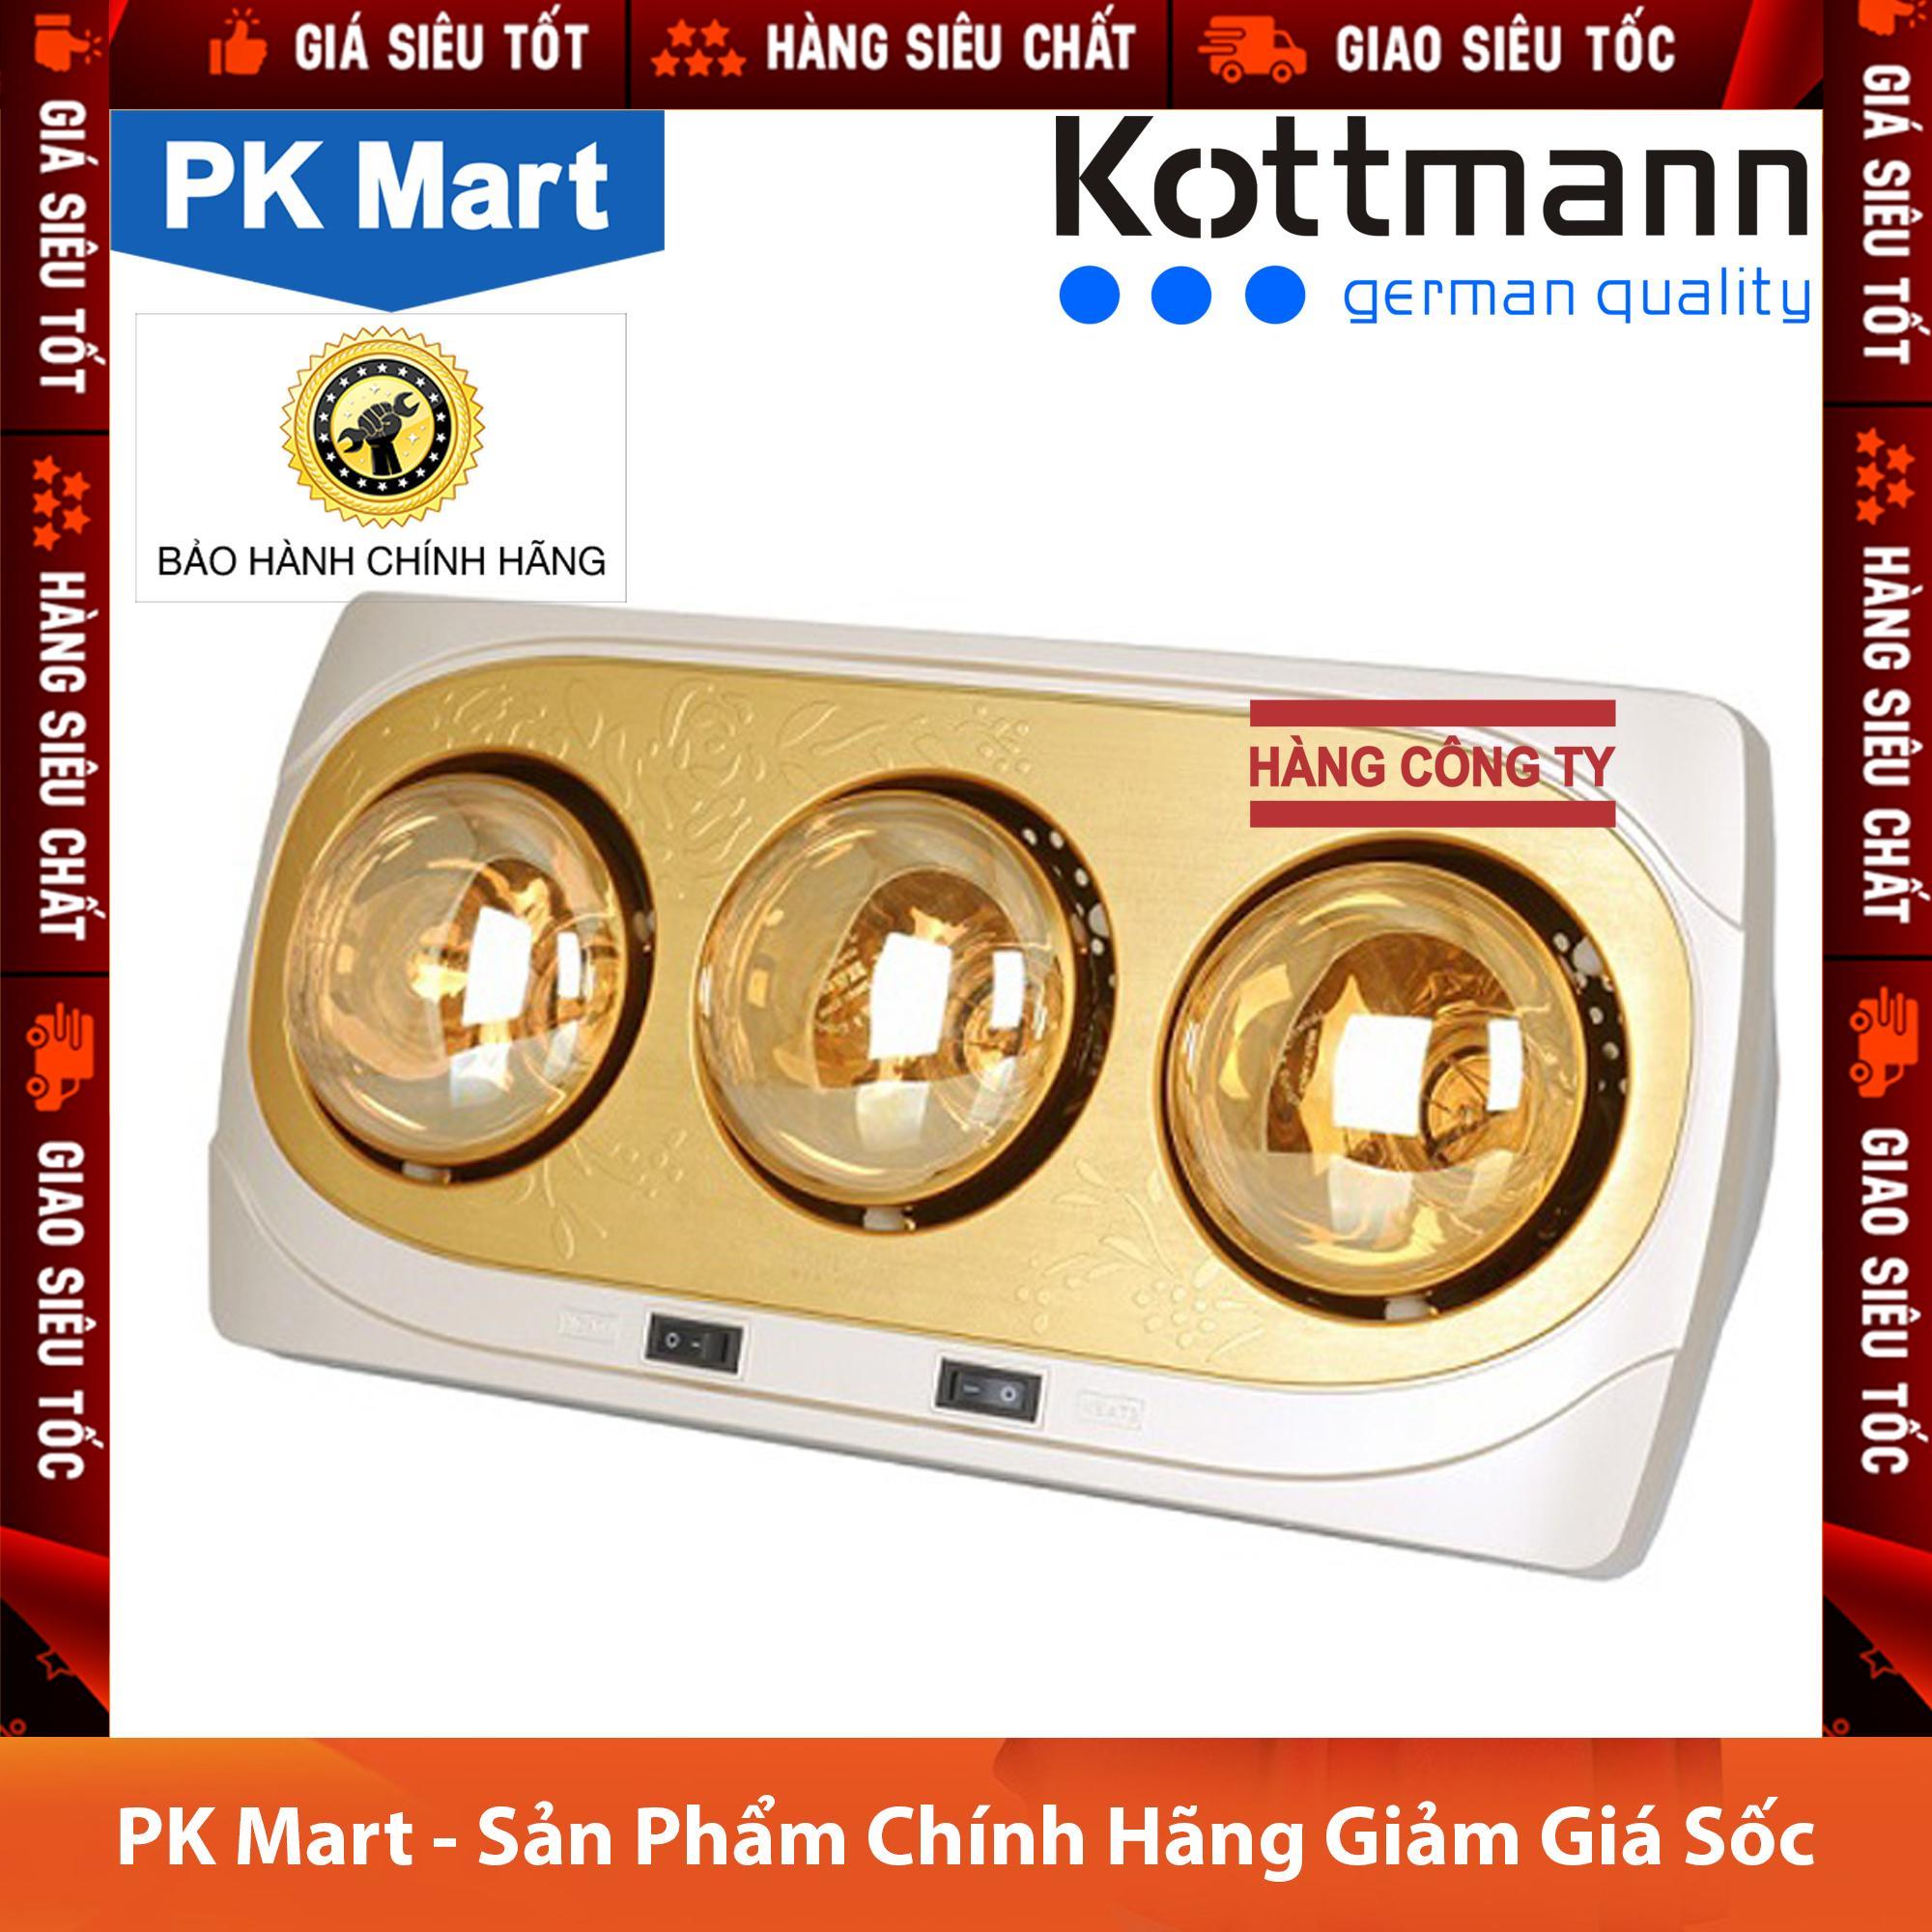 Đèn sưởi nhà tắm 3 bóng treo tường Kottmann K3B-H (Vàng) - Hàng công ty